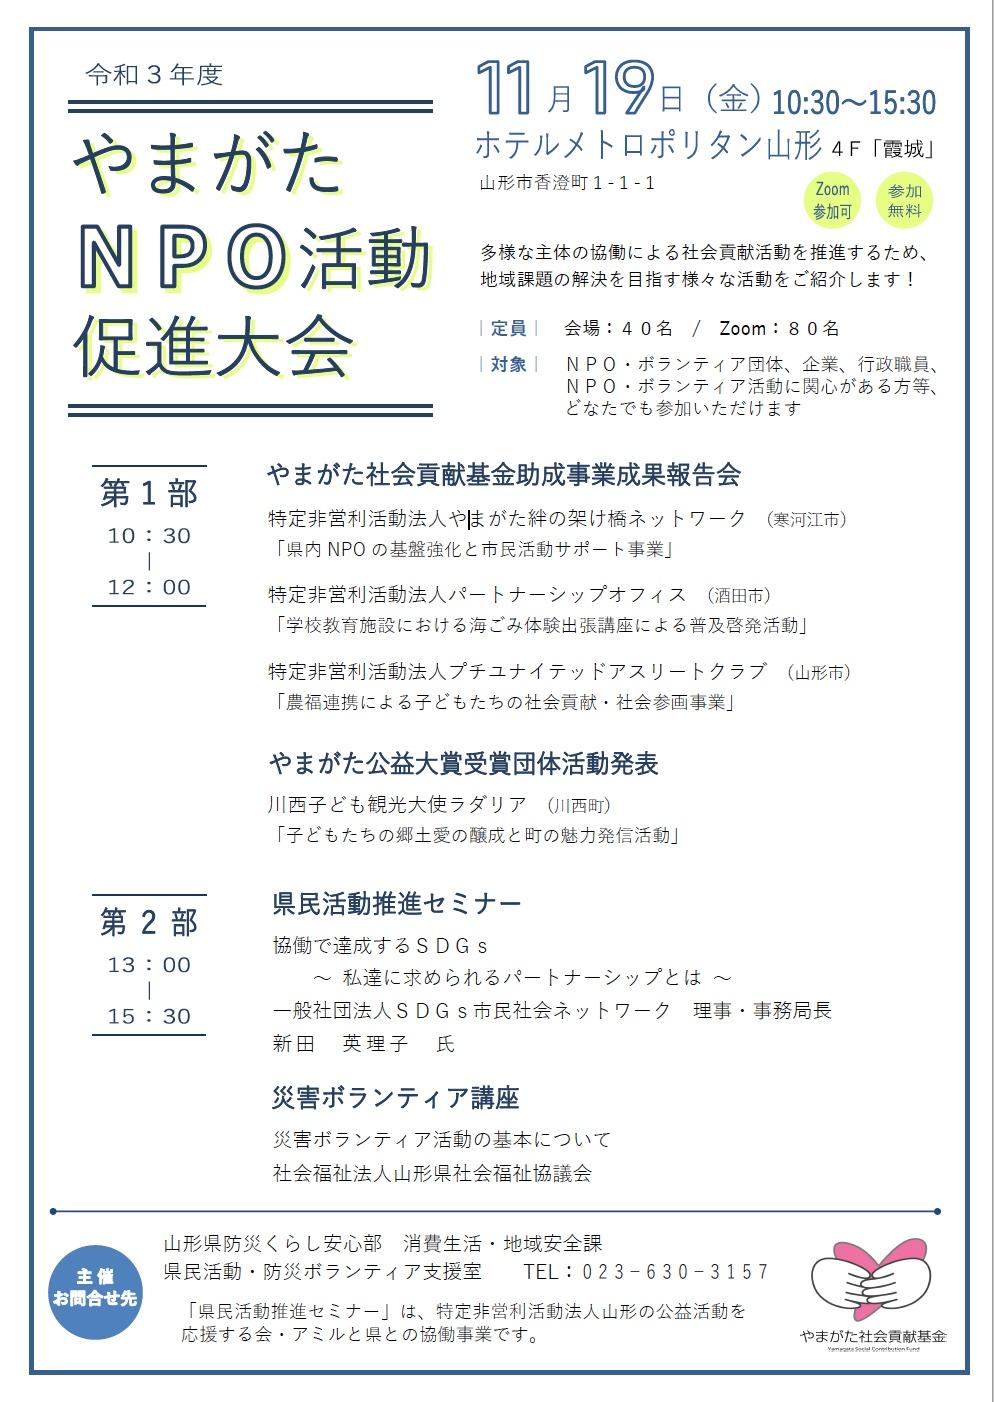 「令和3年やまがたNPO促進大会」開催のお知らせ